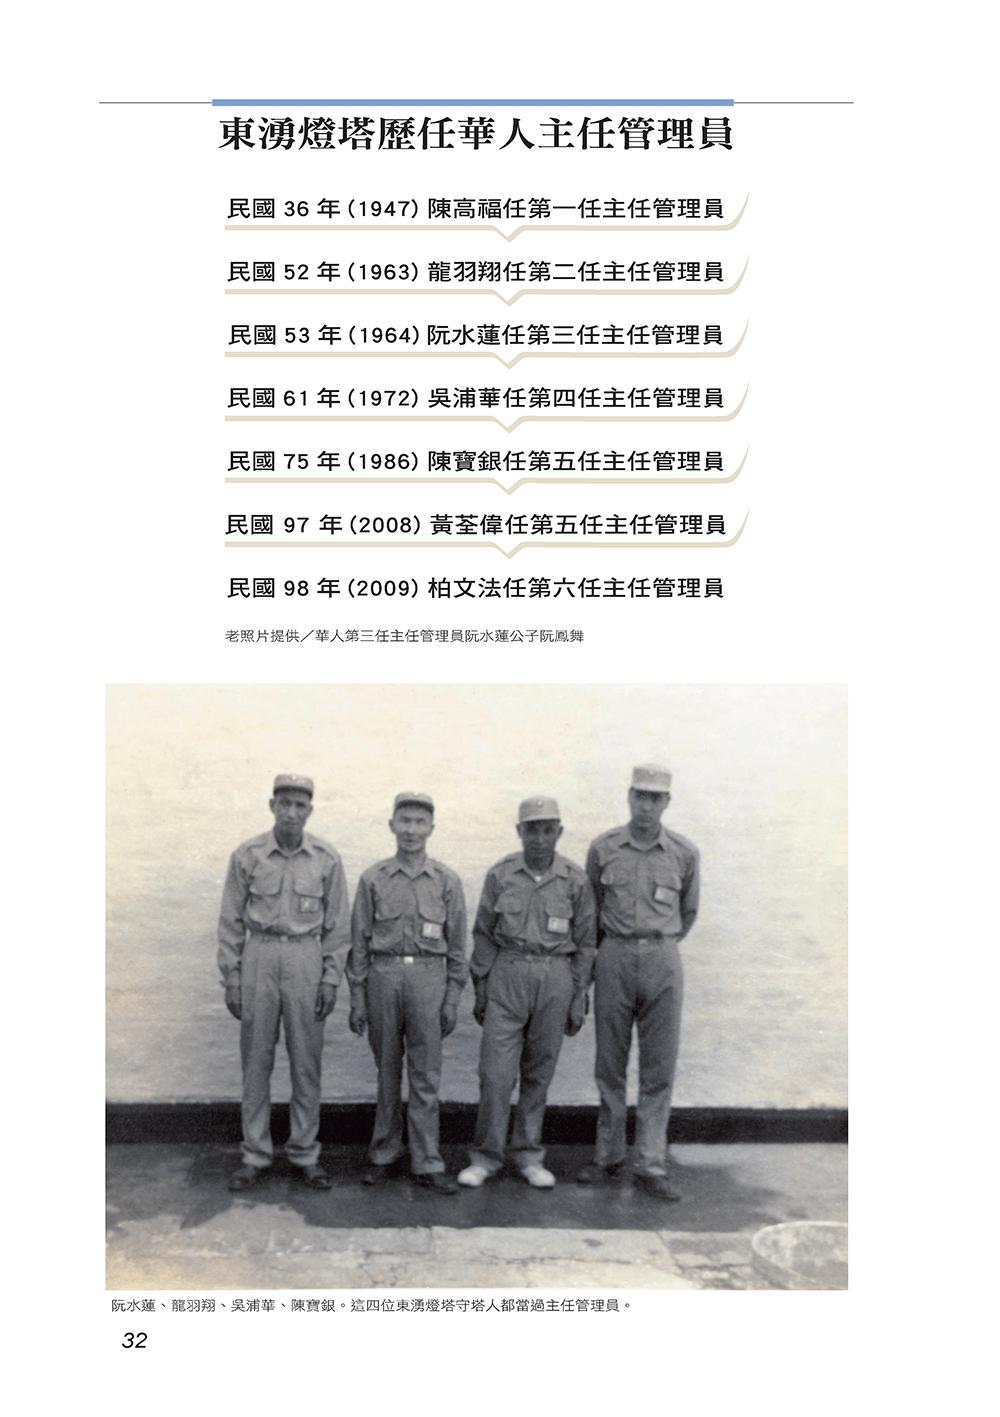 頁32-33